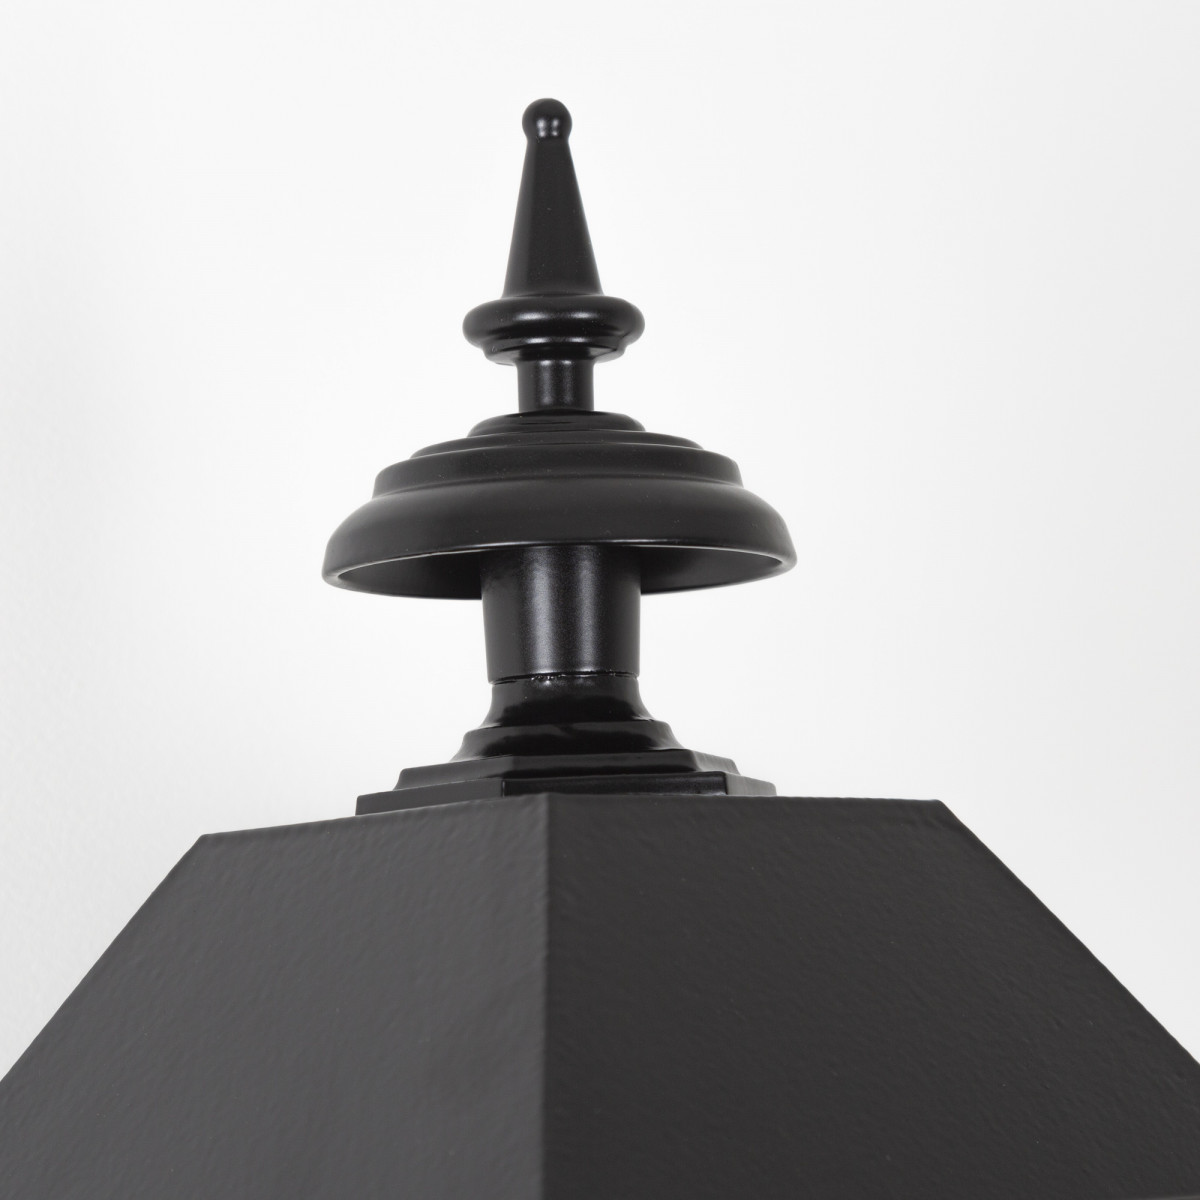 Buitenlamp M41 Zwart